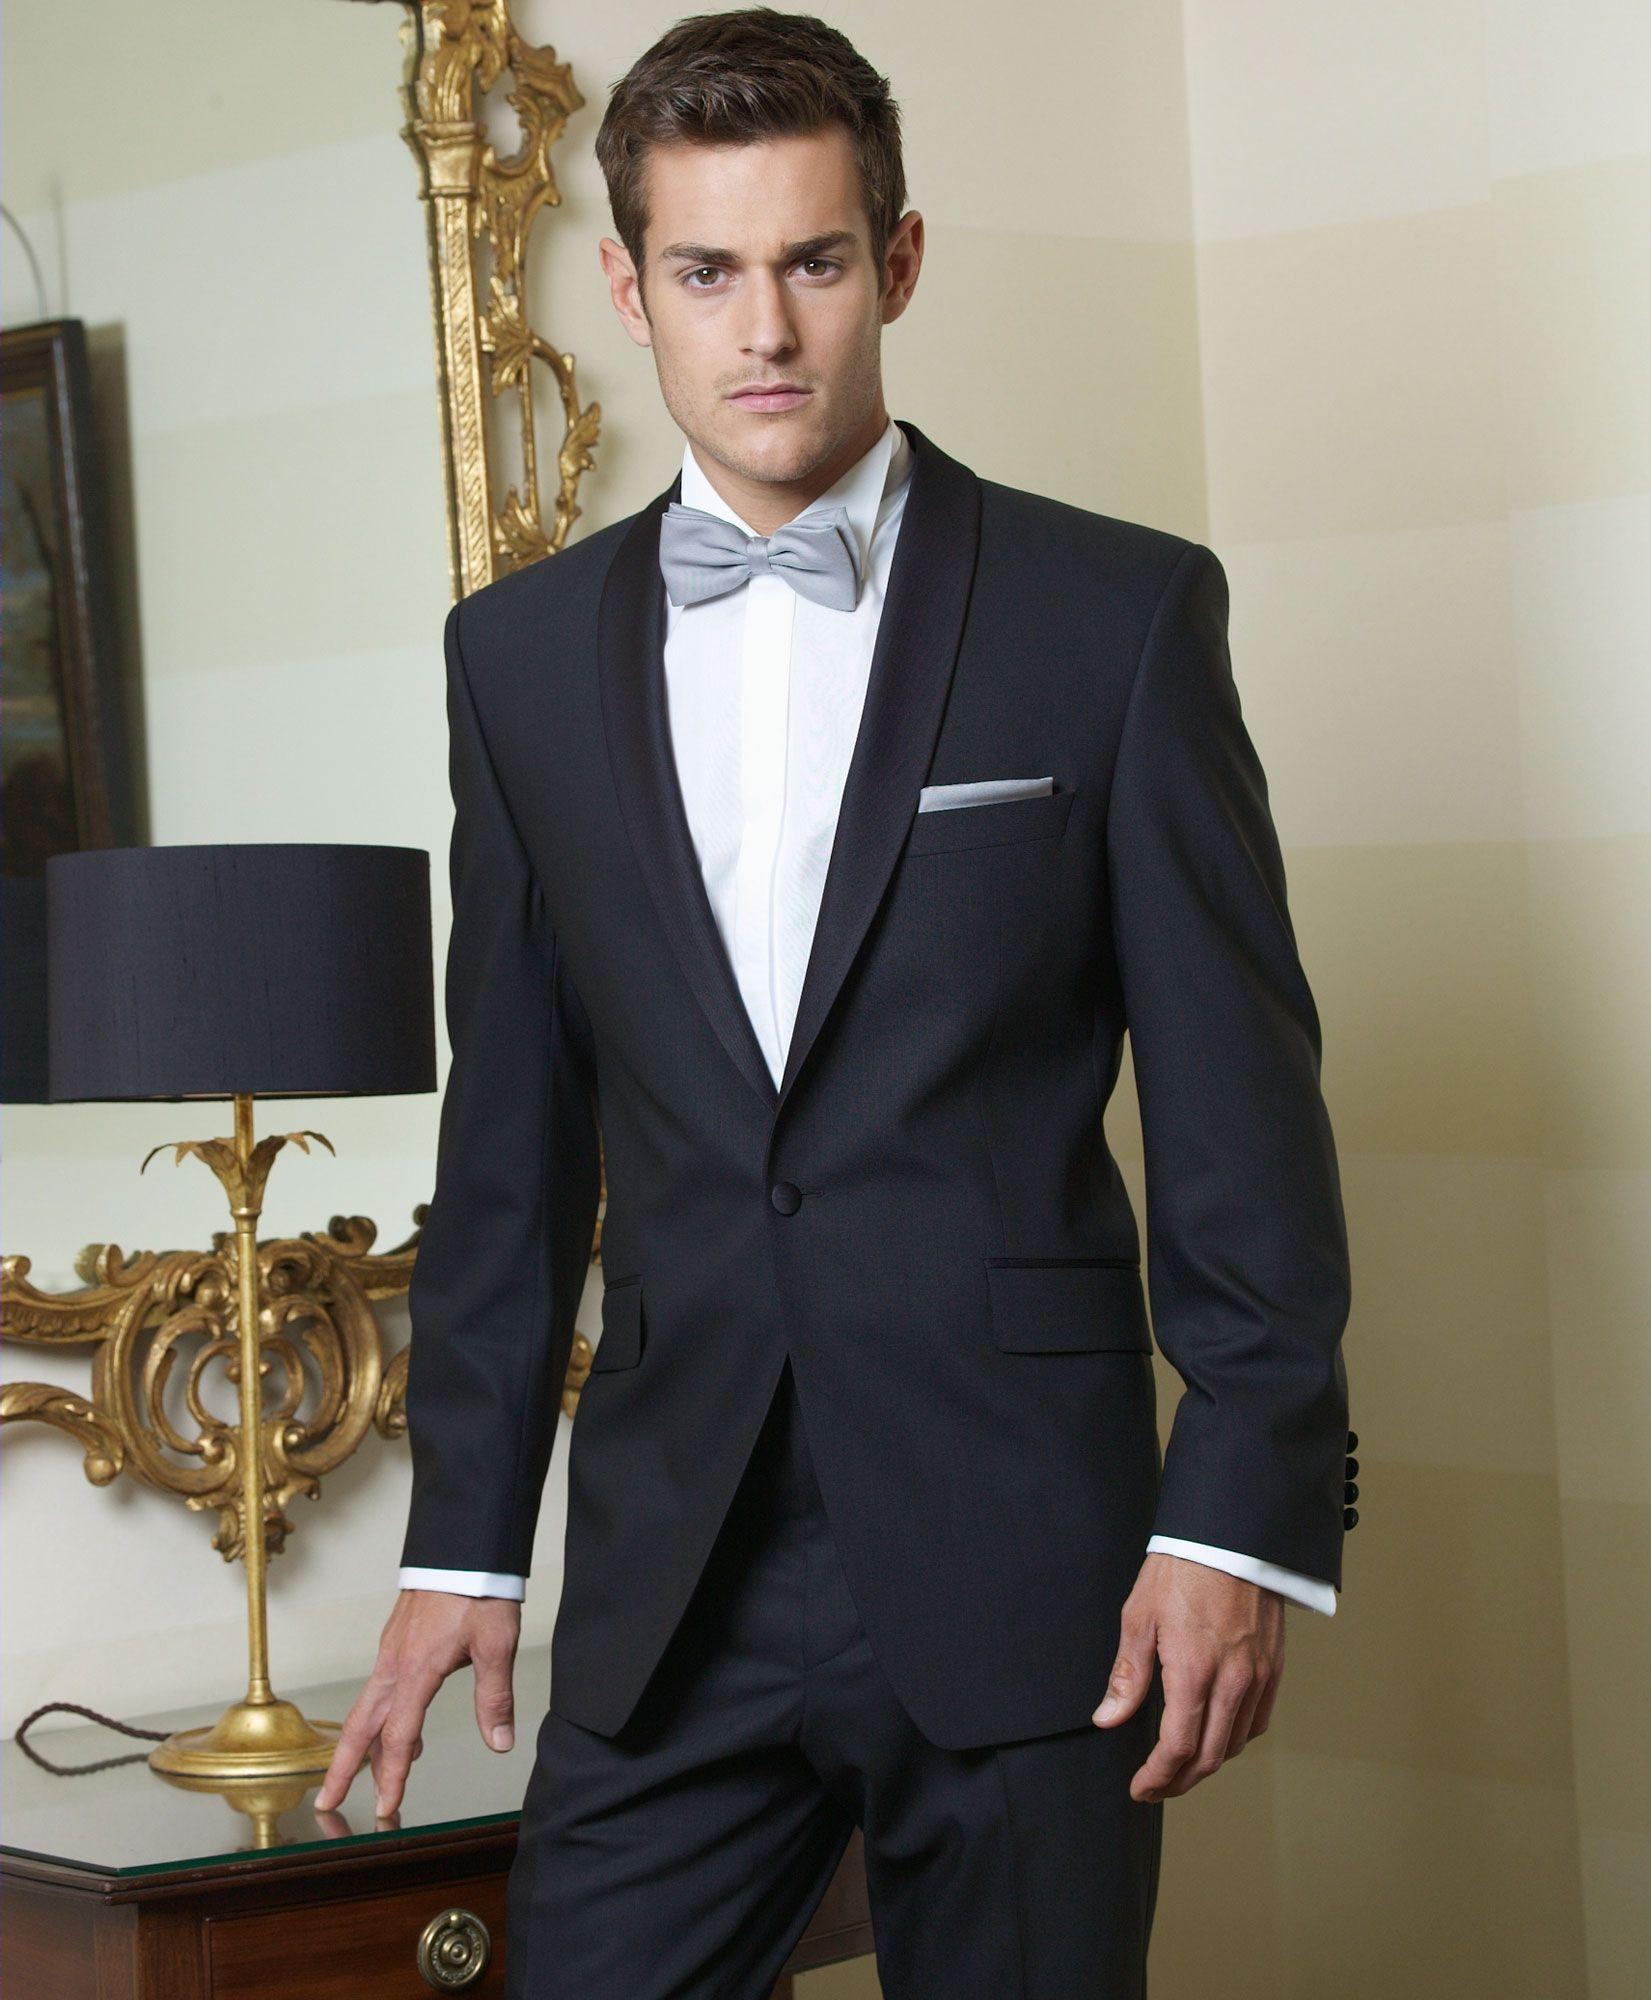 Amüsant Herren Hochzeitsmode Ideen Von Formelle Wear ,anzug, Hochzeitsanzug,smoking, Hochzeitskleider, Landybridal: 八月